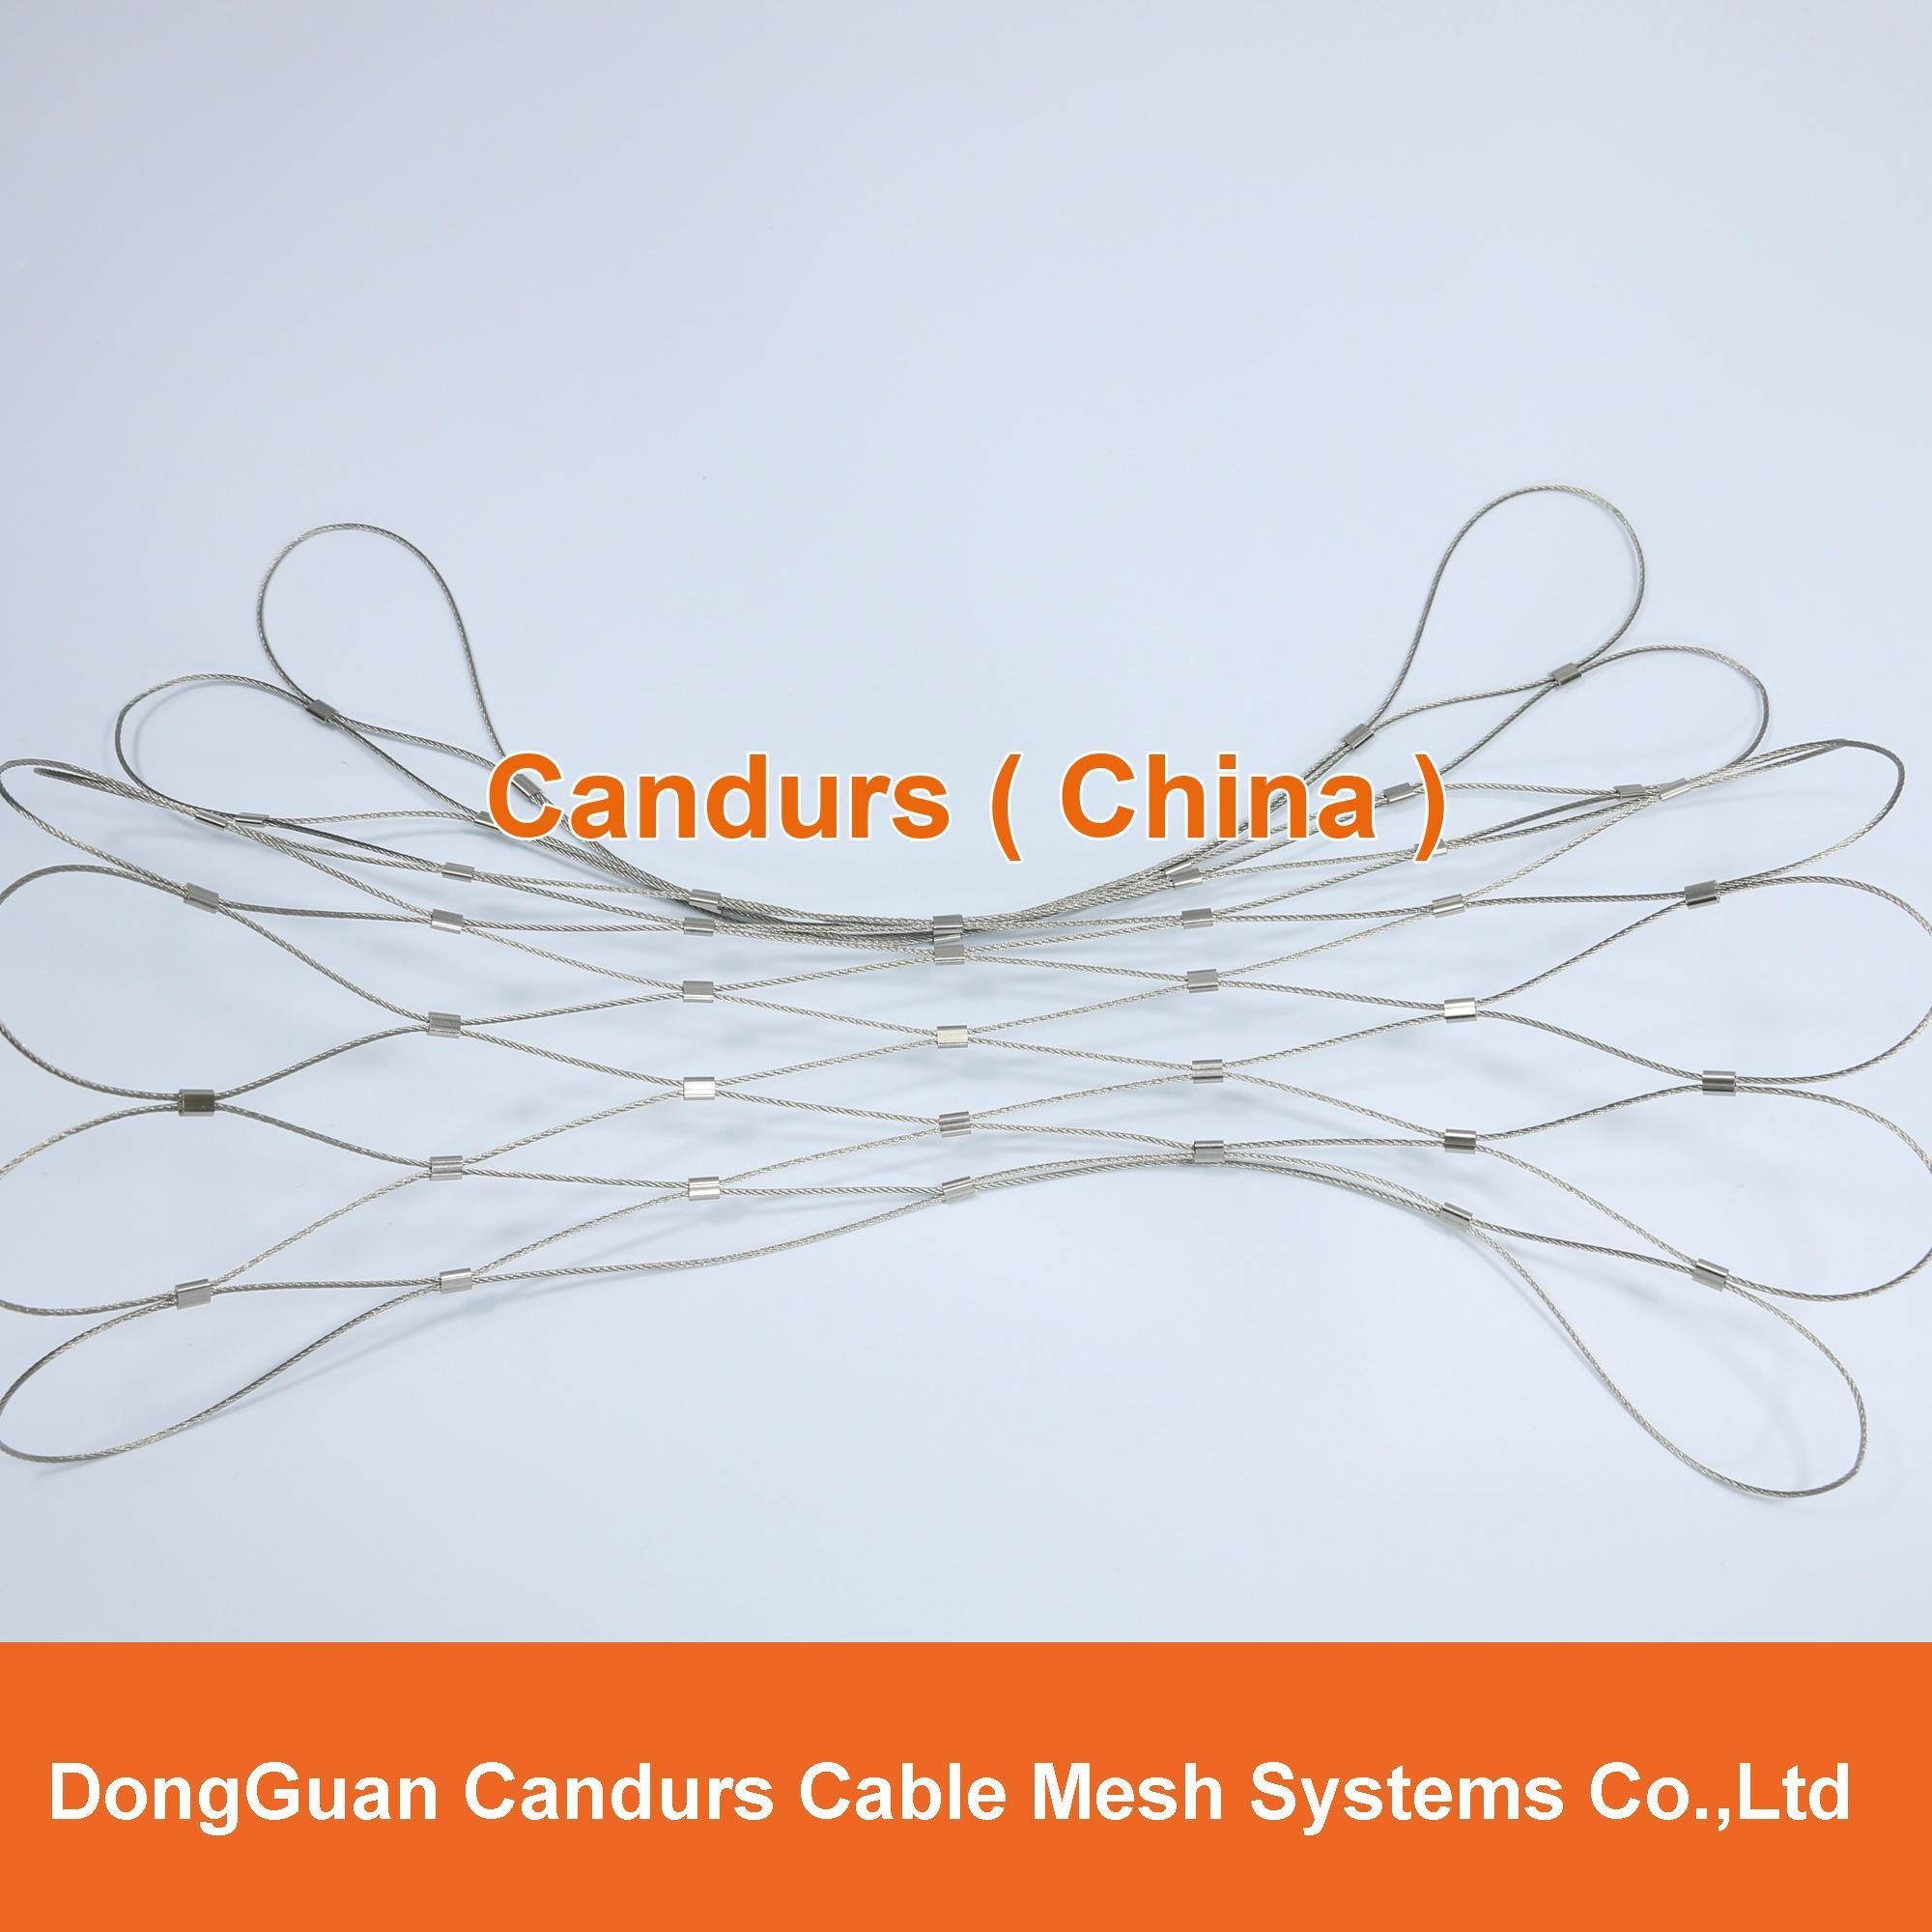 套環網-不鏽鋼絲繩套環網 17